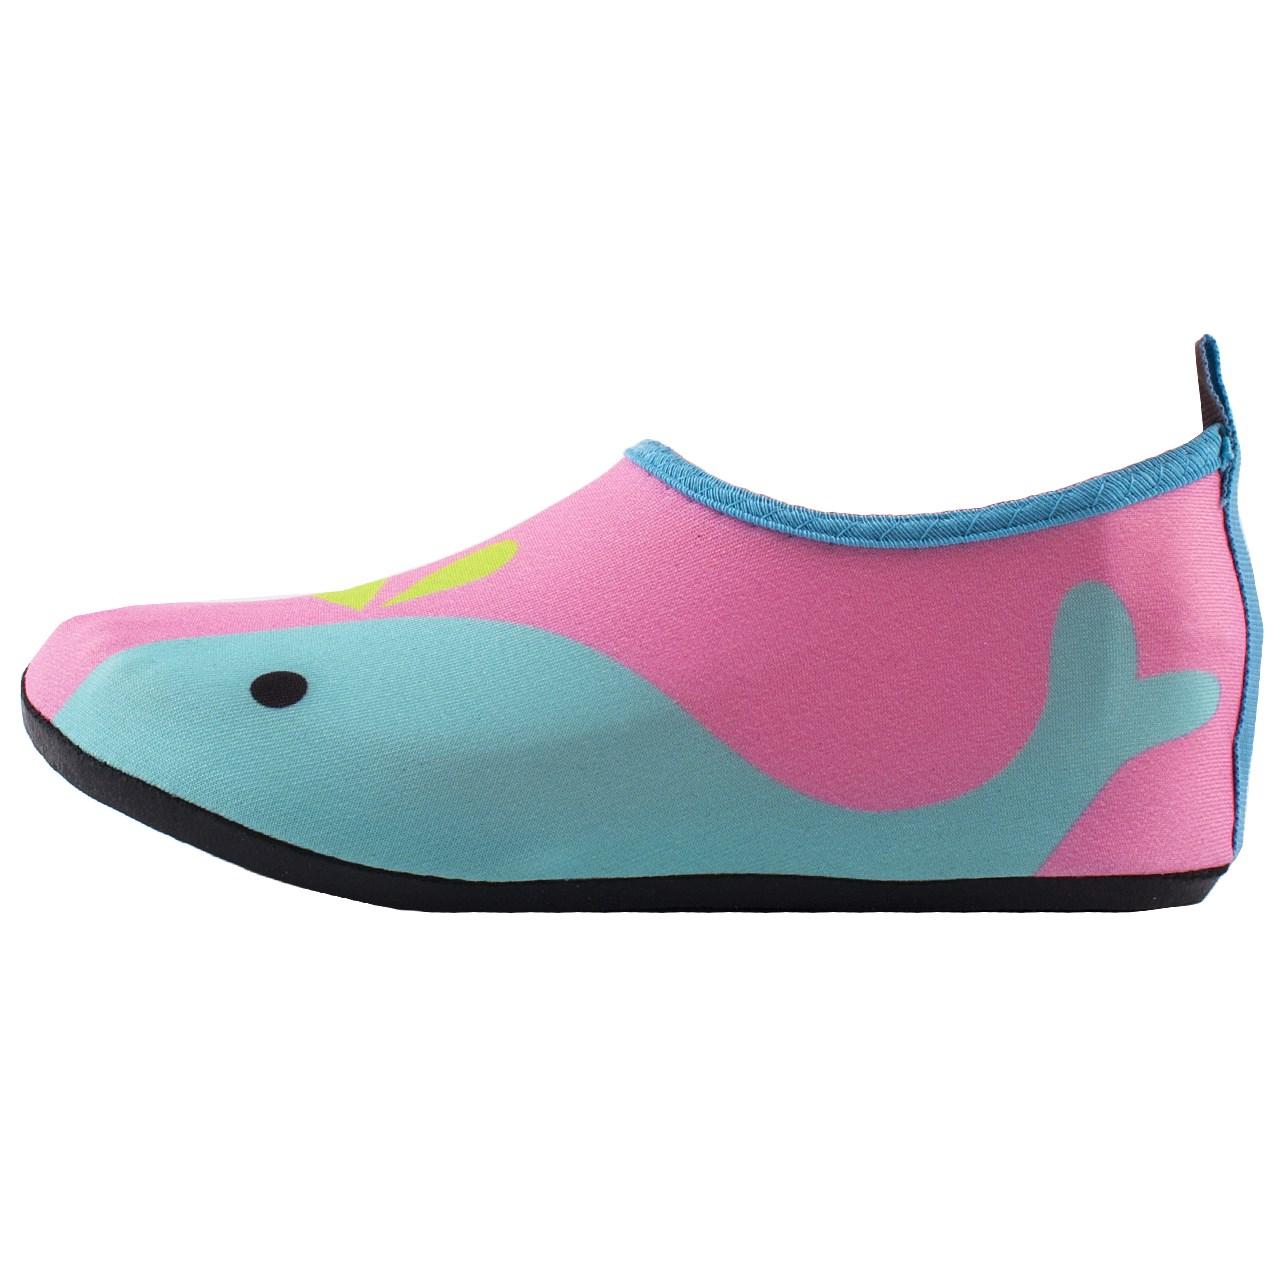 قیمت کفش ورزشی بچه گانه واته مدل Mf 04